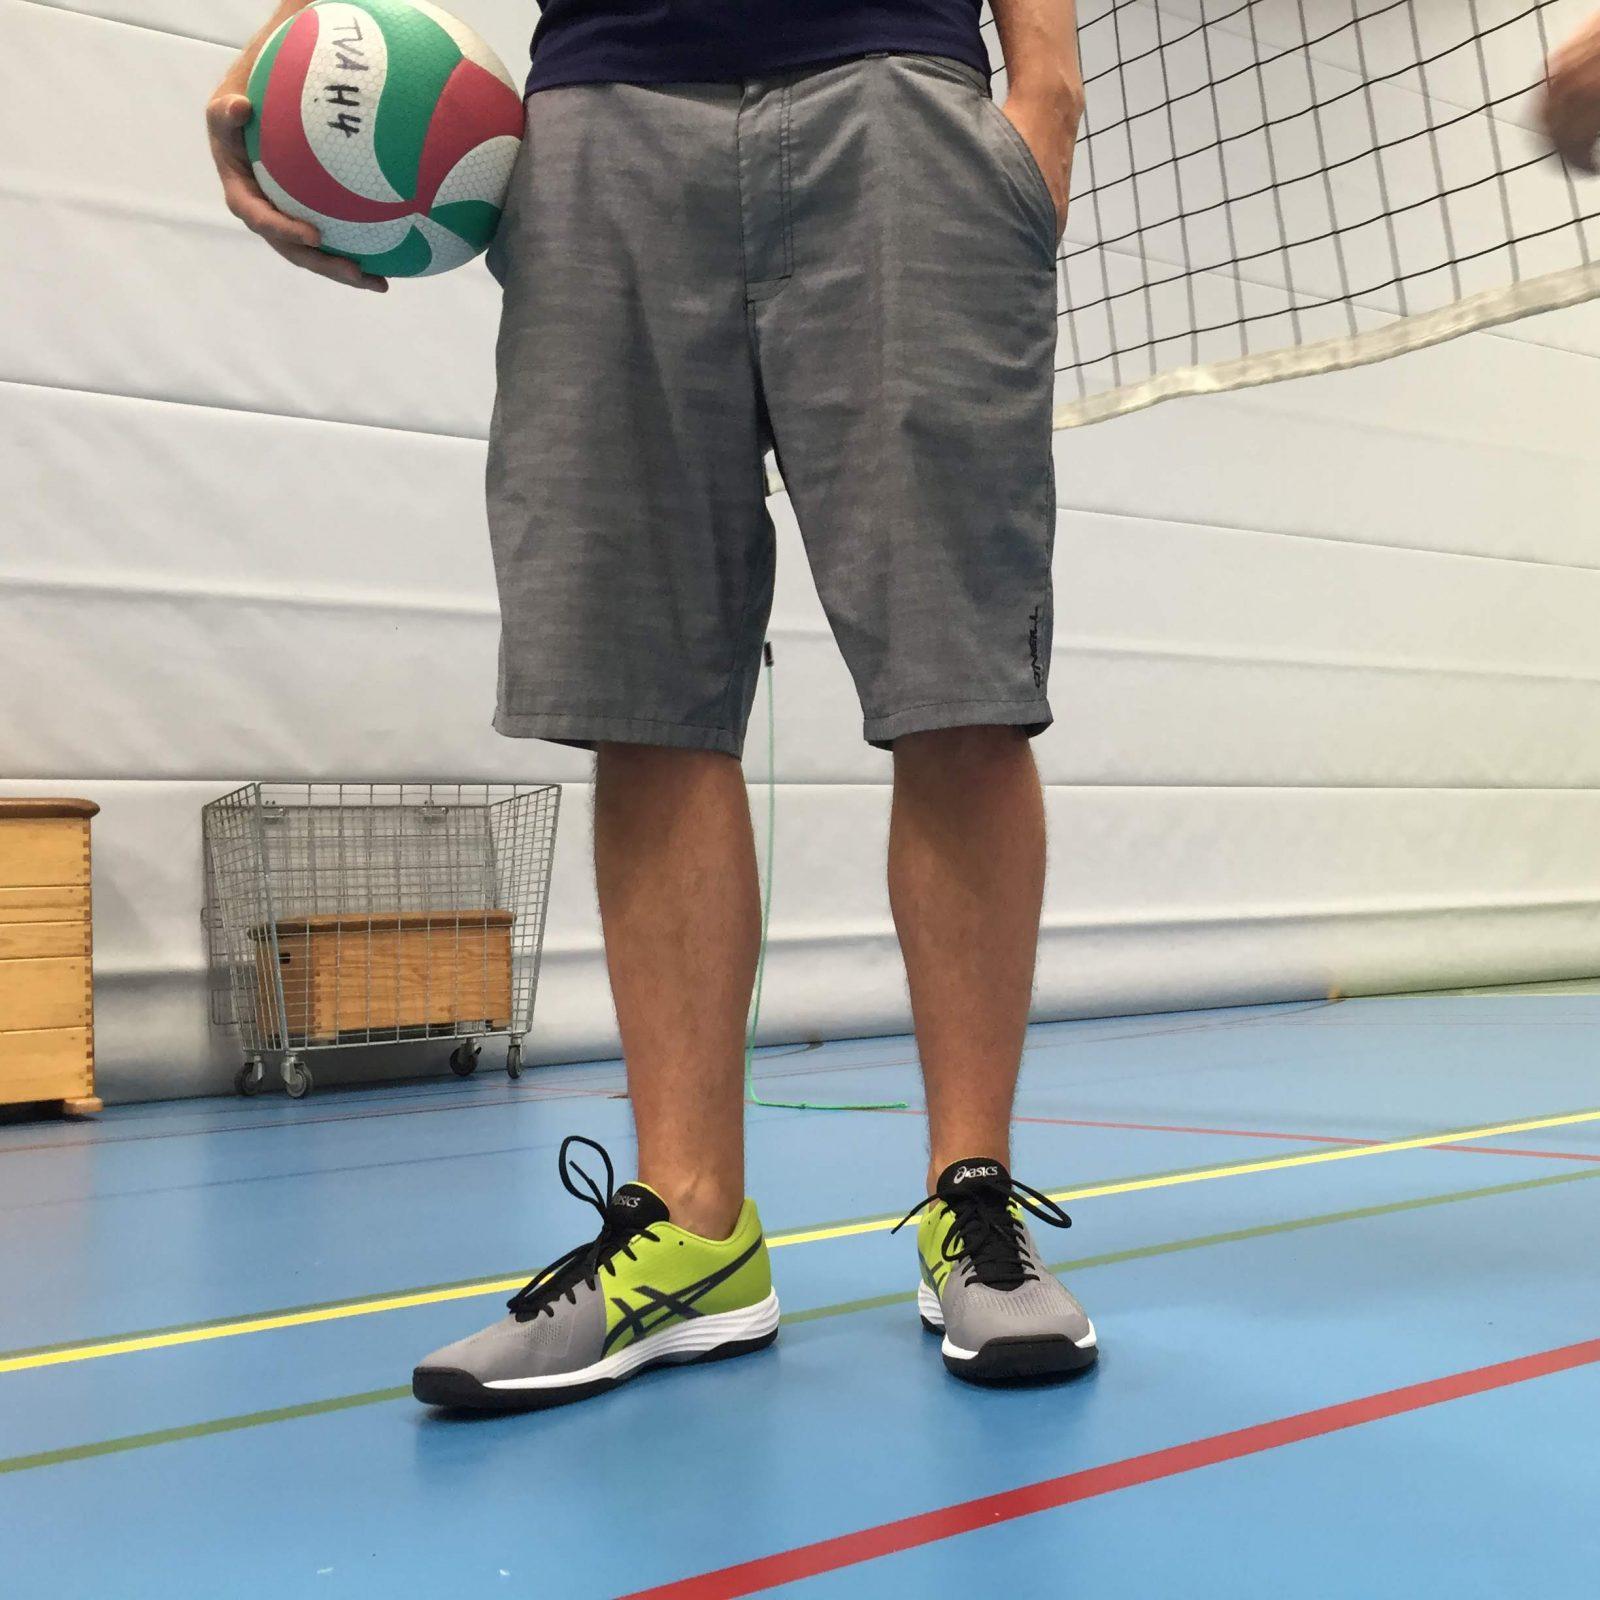 Der asics GEL Tactic Volleyballschuh im VolleyballFREAK Test